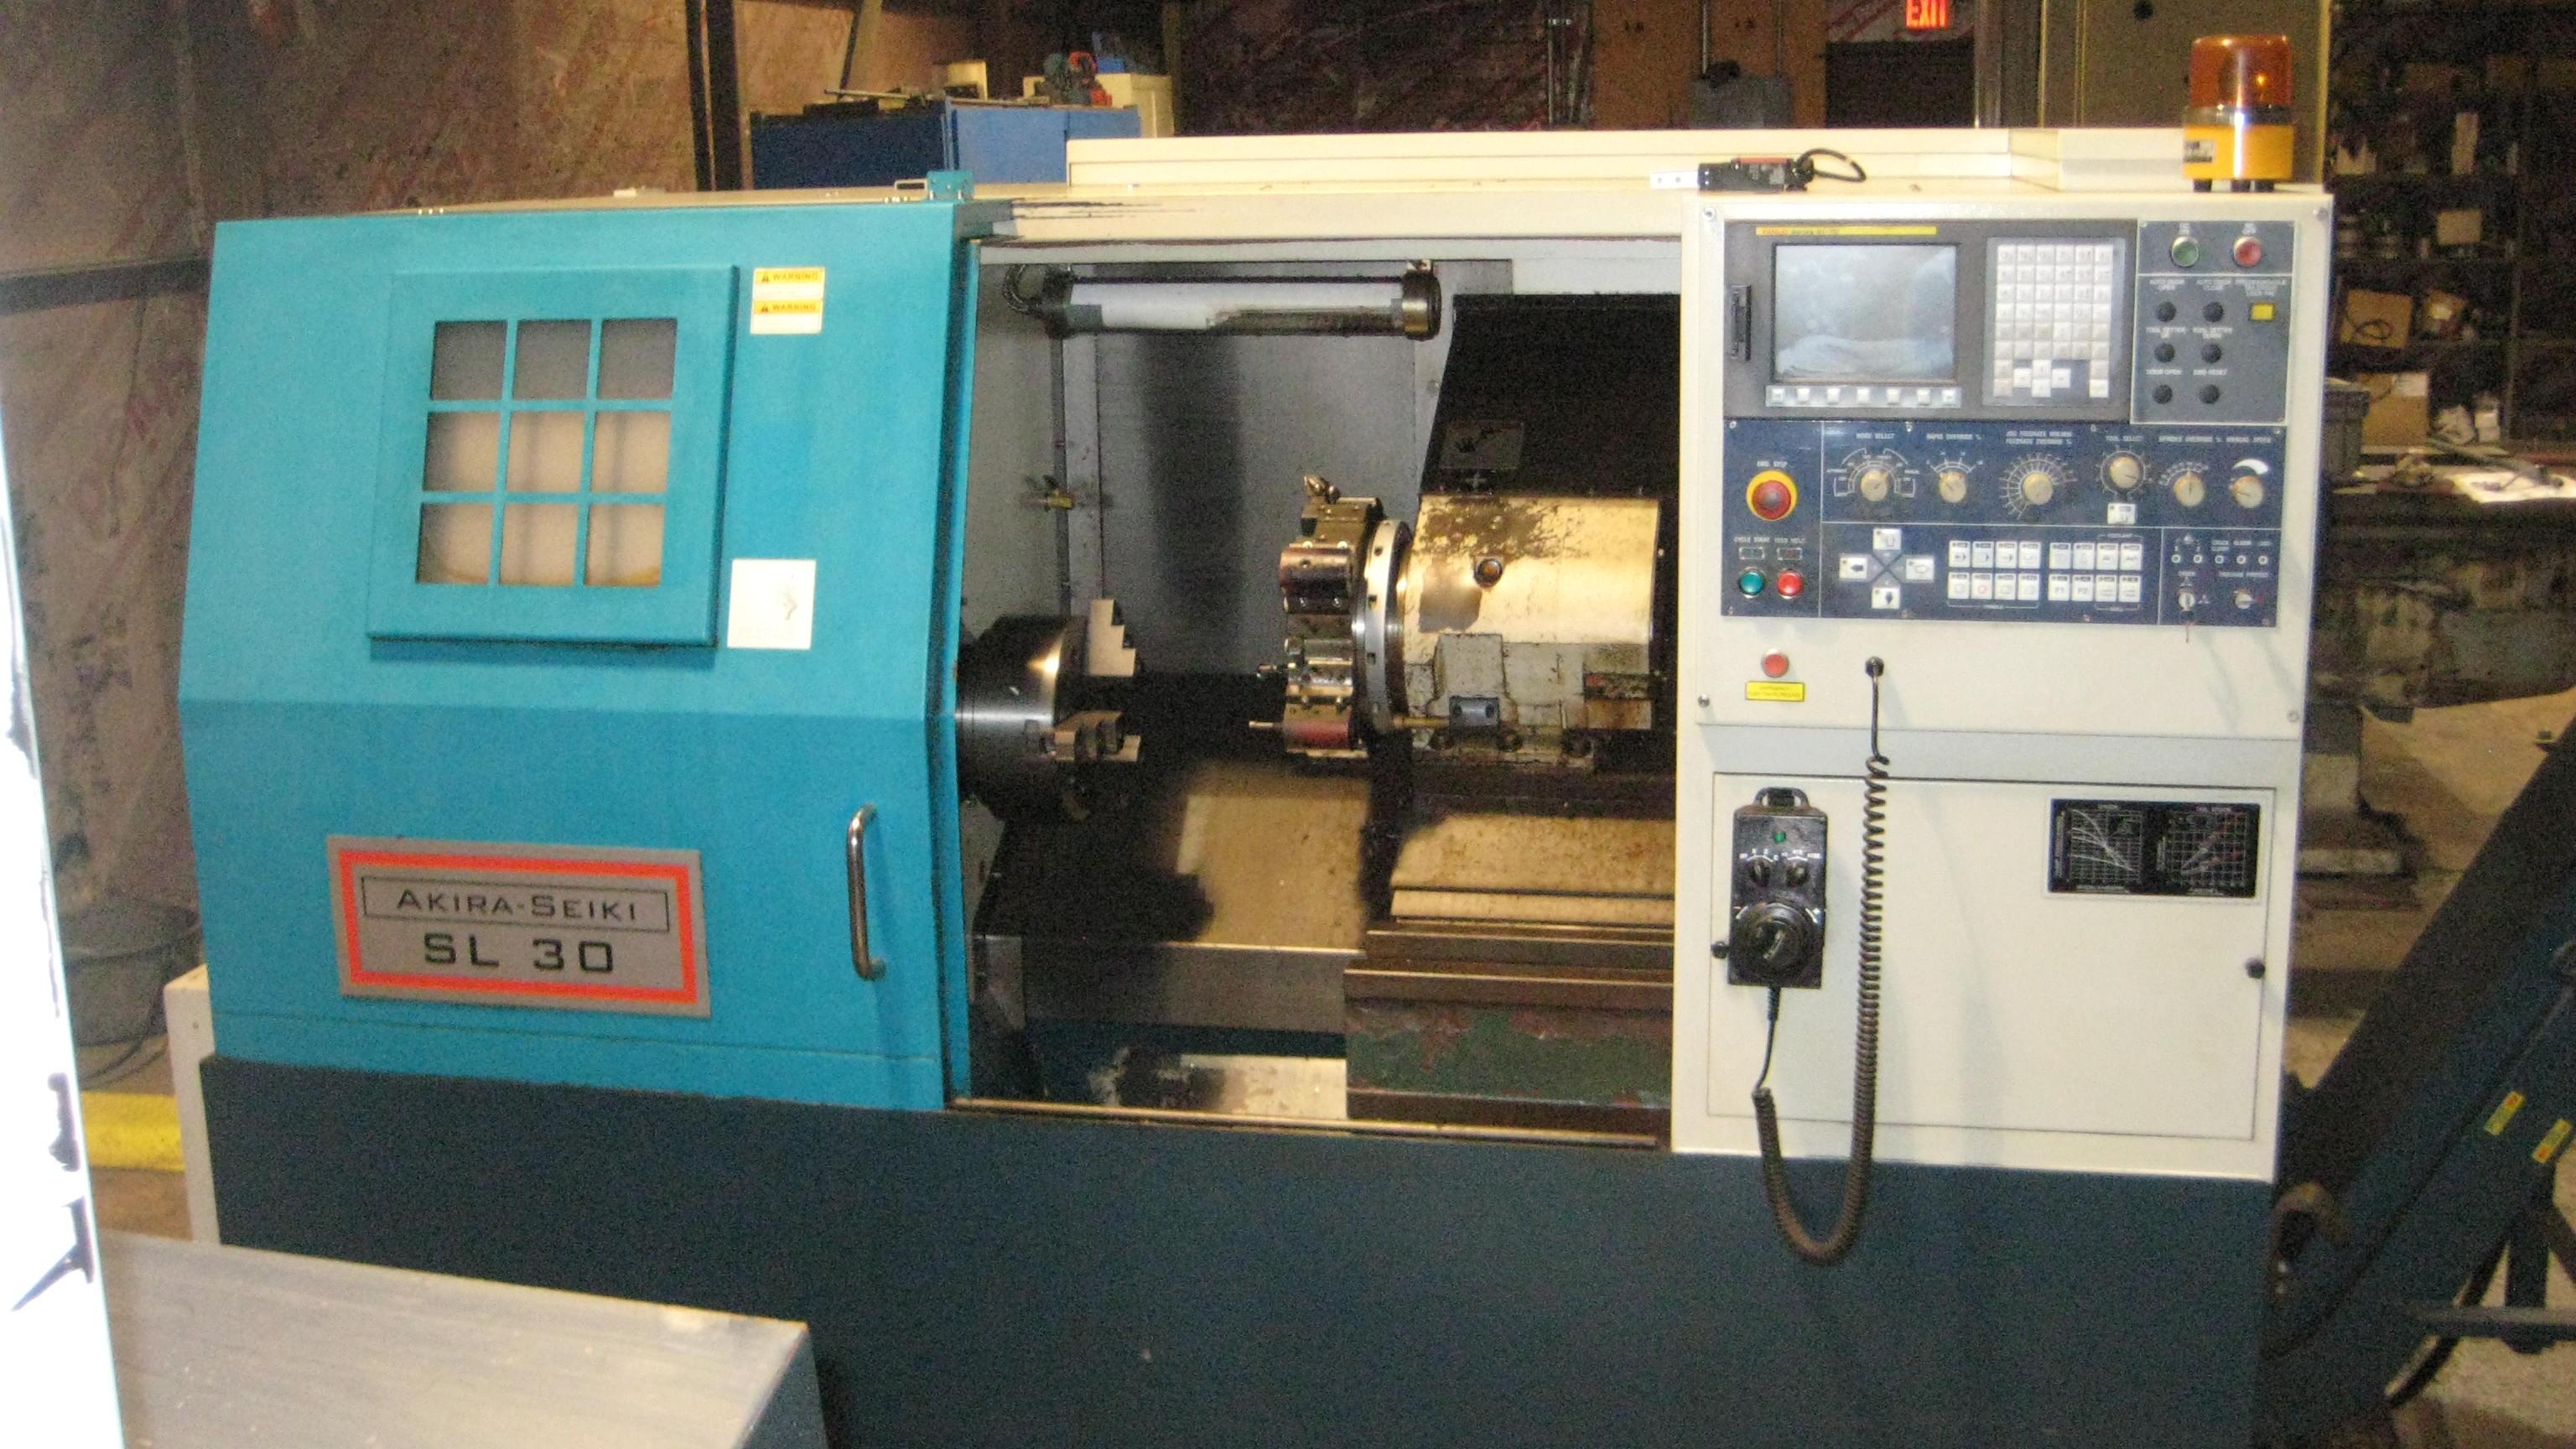 Net Machinery, Used Machinery and Metal Working Equipment